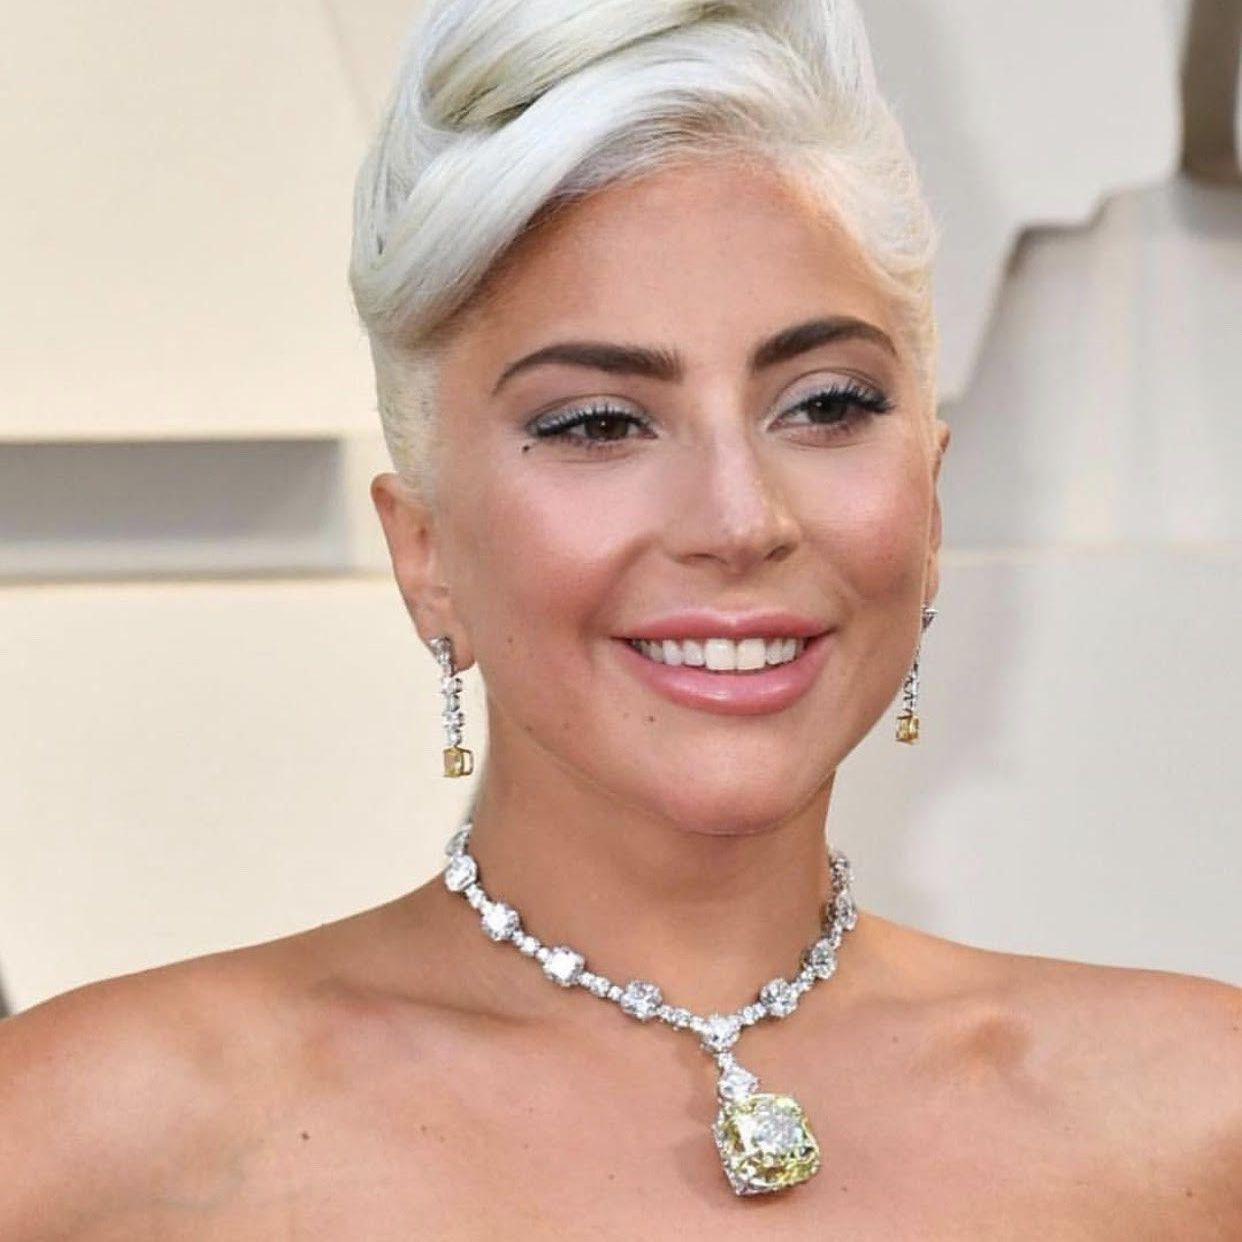 Lady Gaga at the Academy Awards